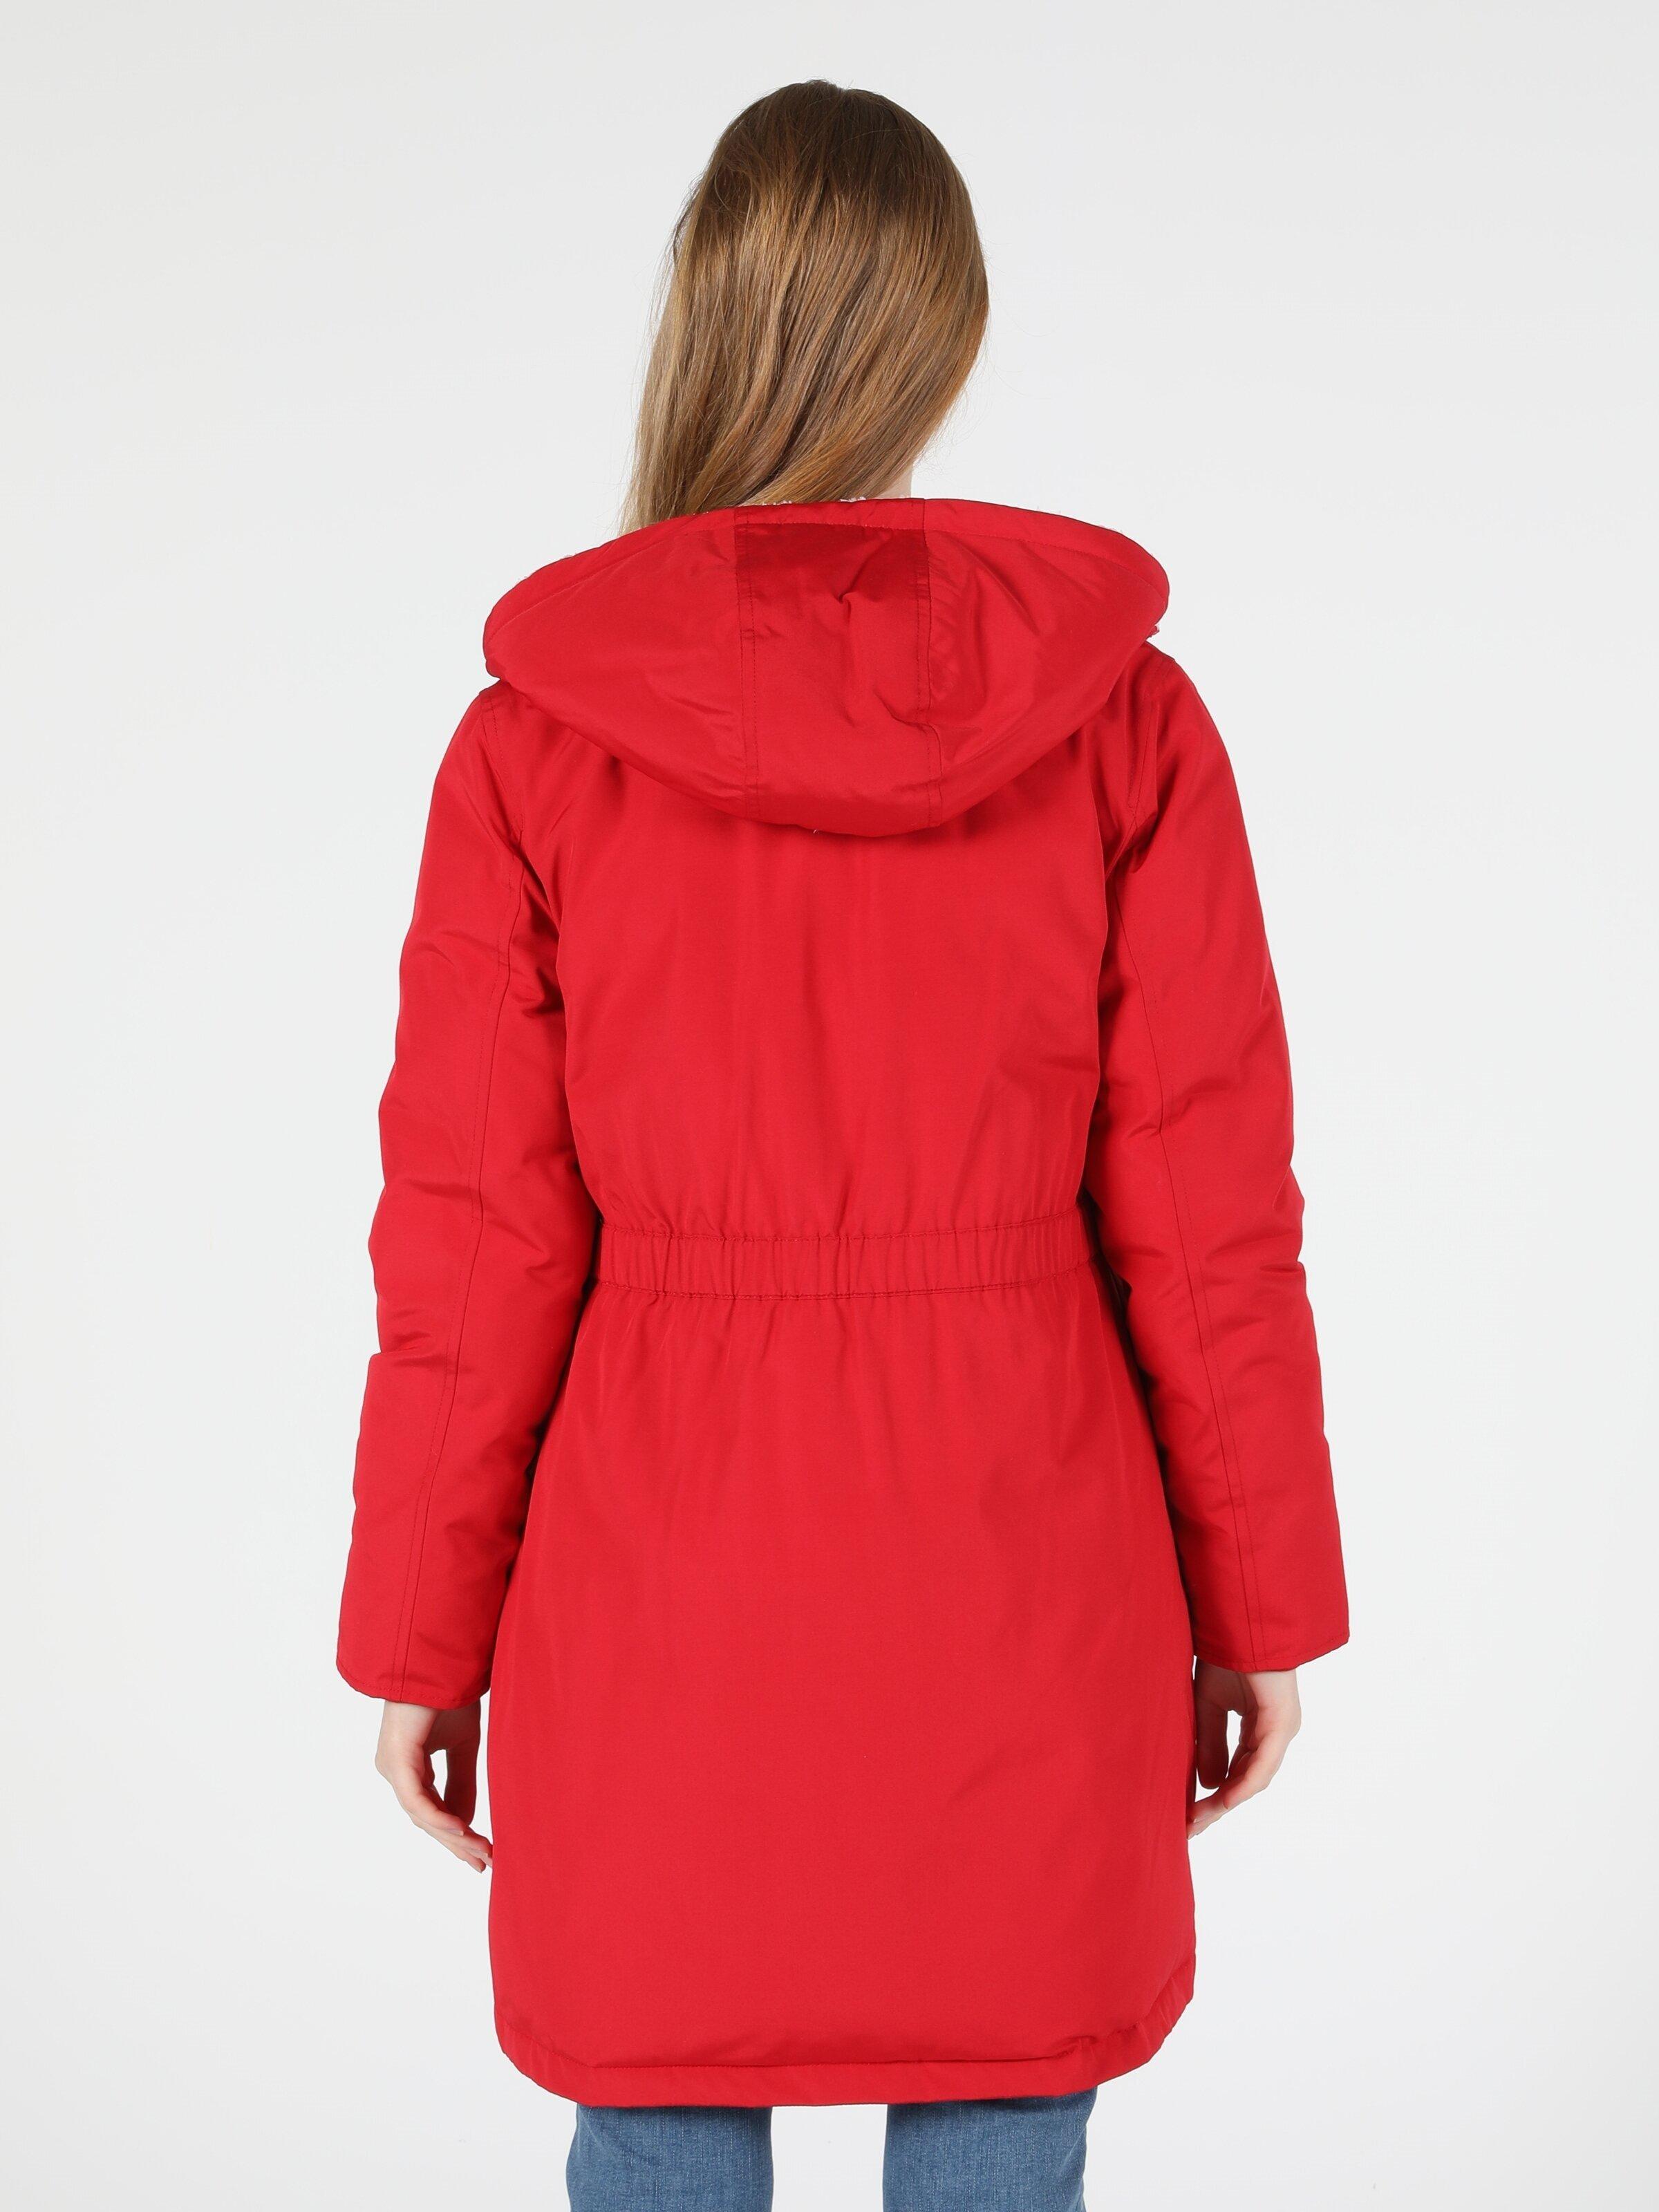 Показати інформацію про Пальто Жіноче Червоне Класичного Крою Cl1050293